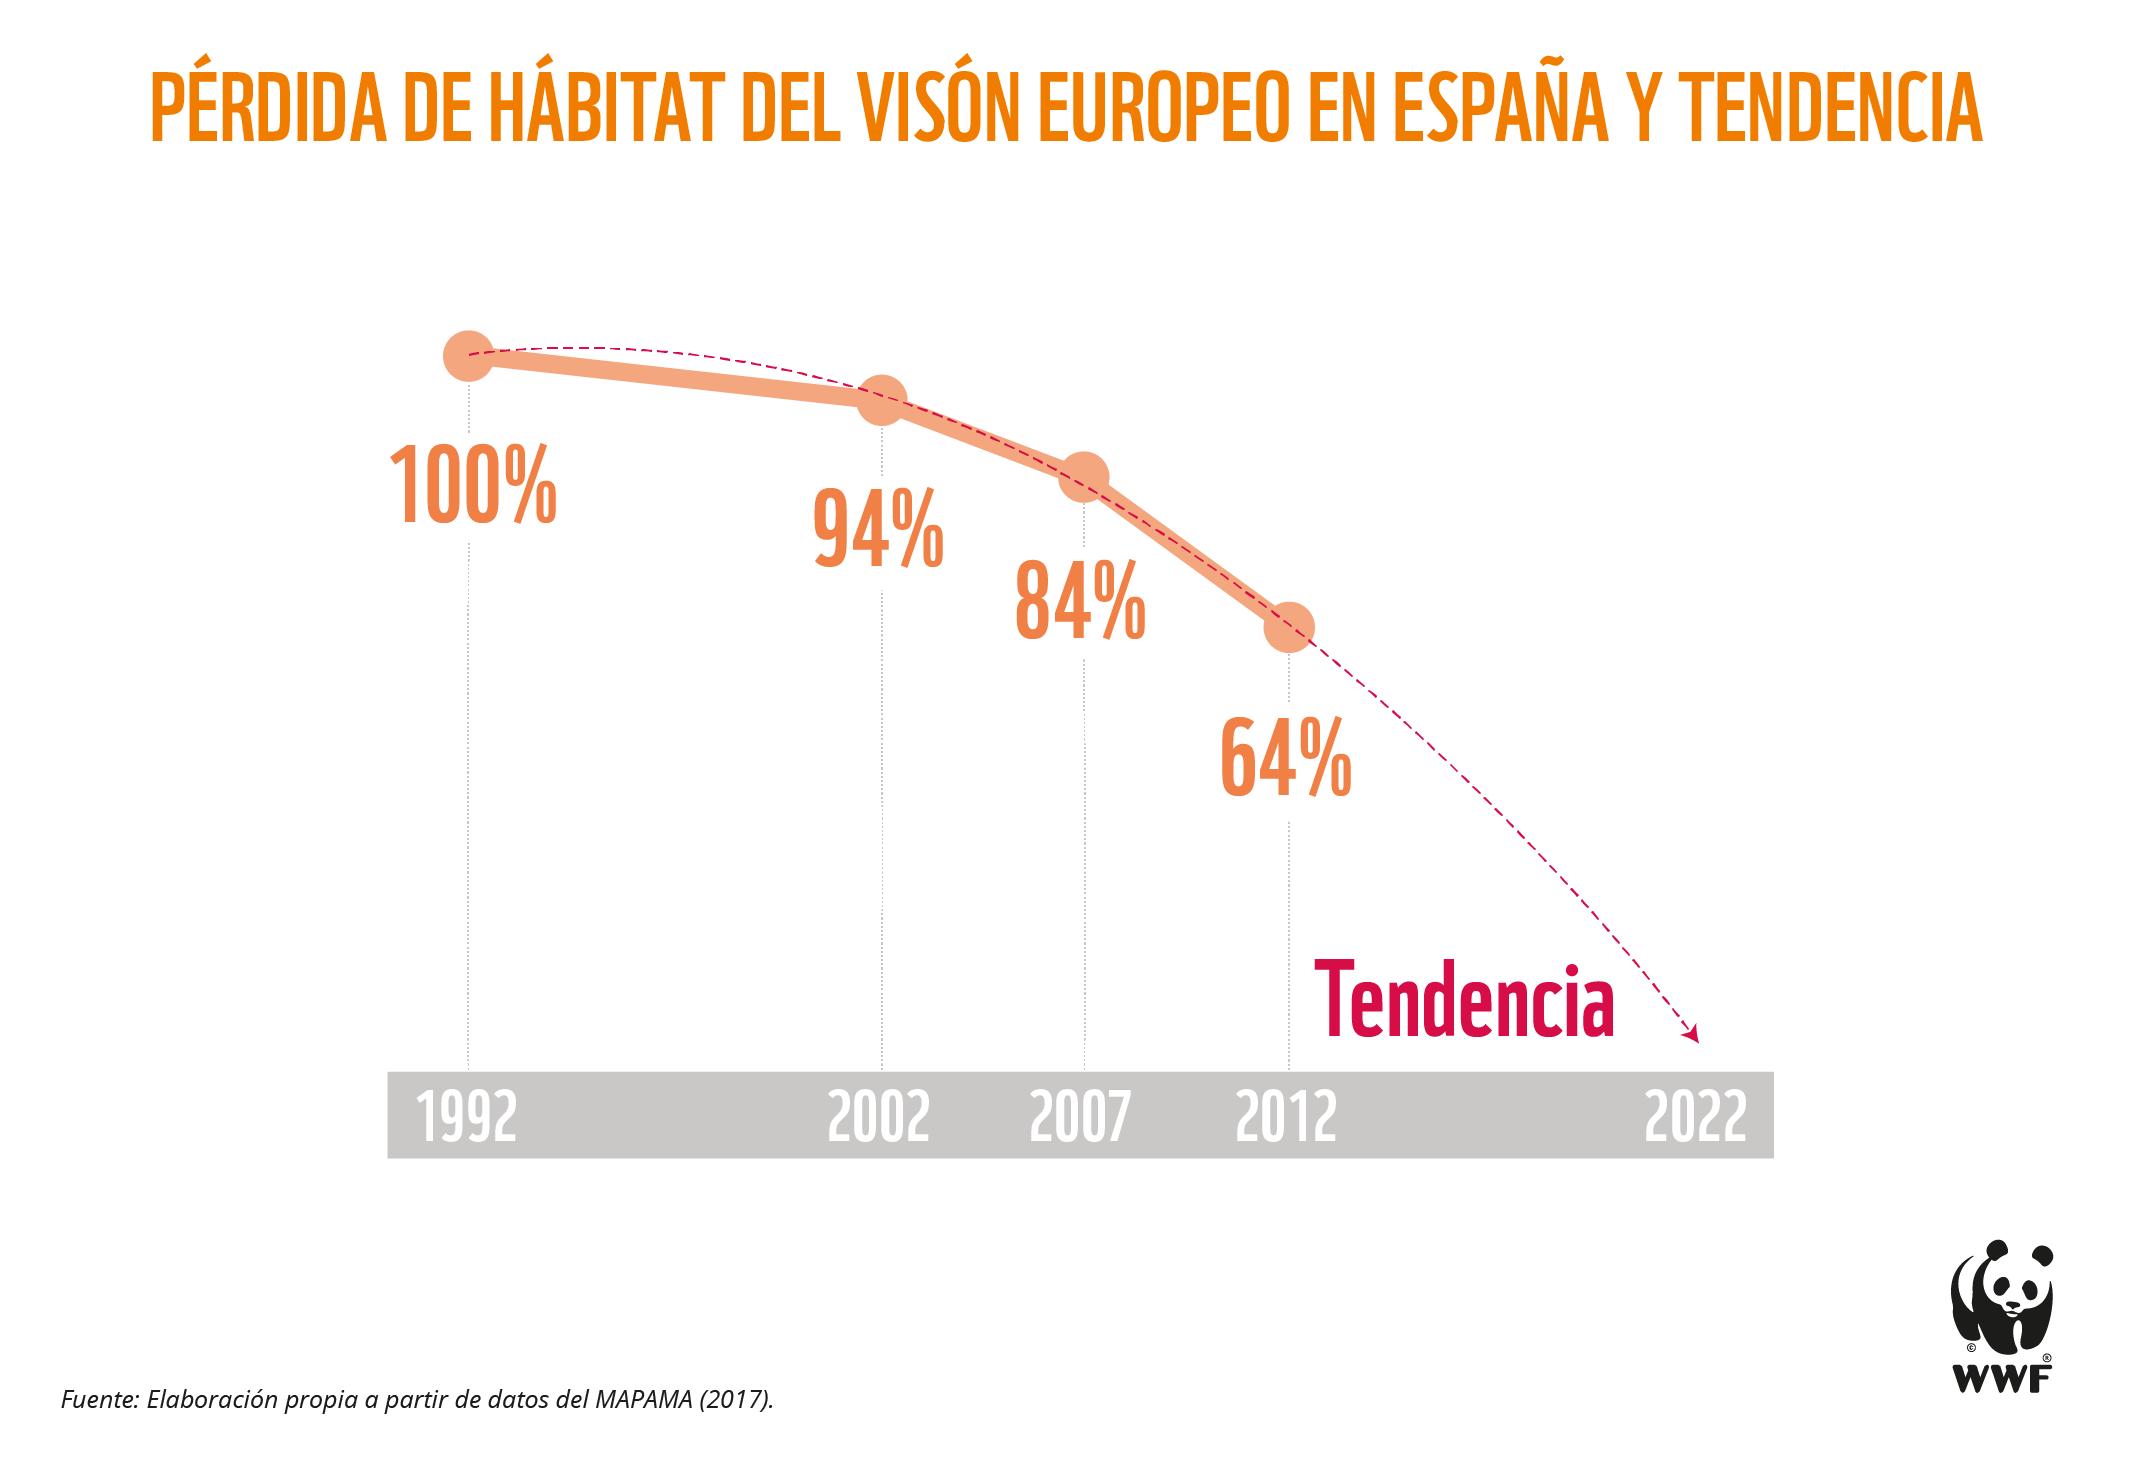 El visón europeo ha desaparecido ya en más del 90 % de su área de distribución original al ser desplazada por su congénere americano. Imagen: WWF